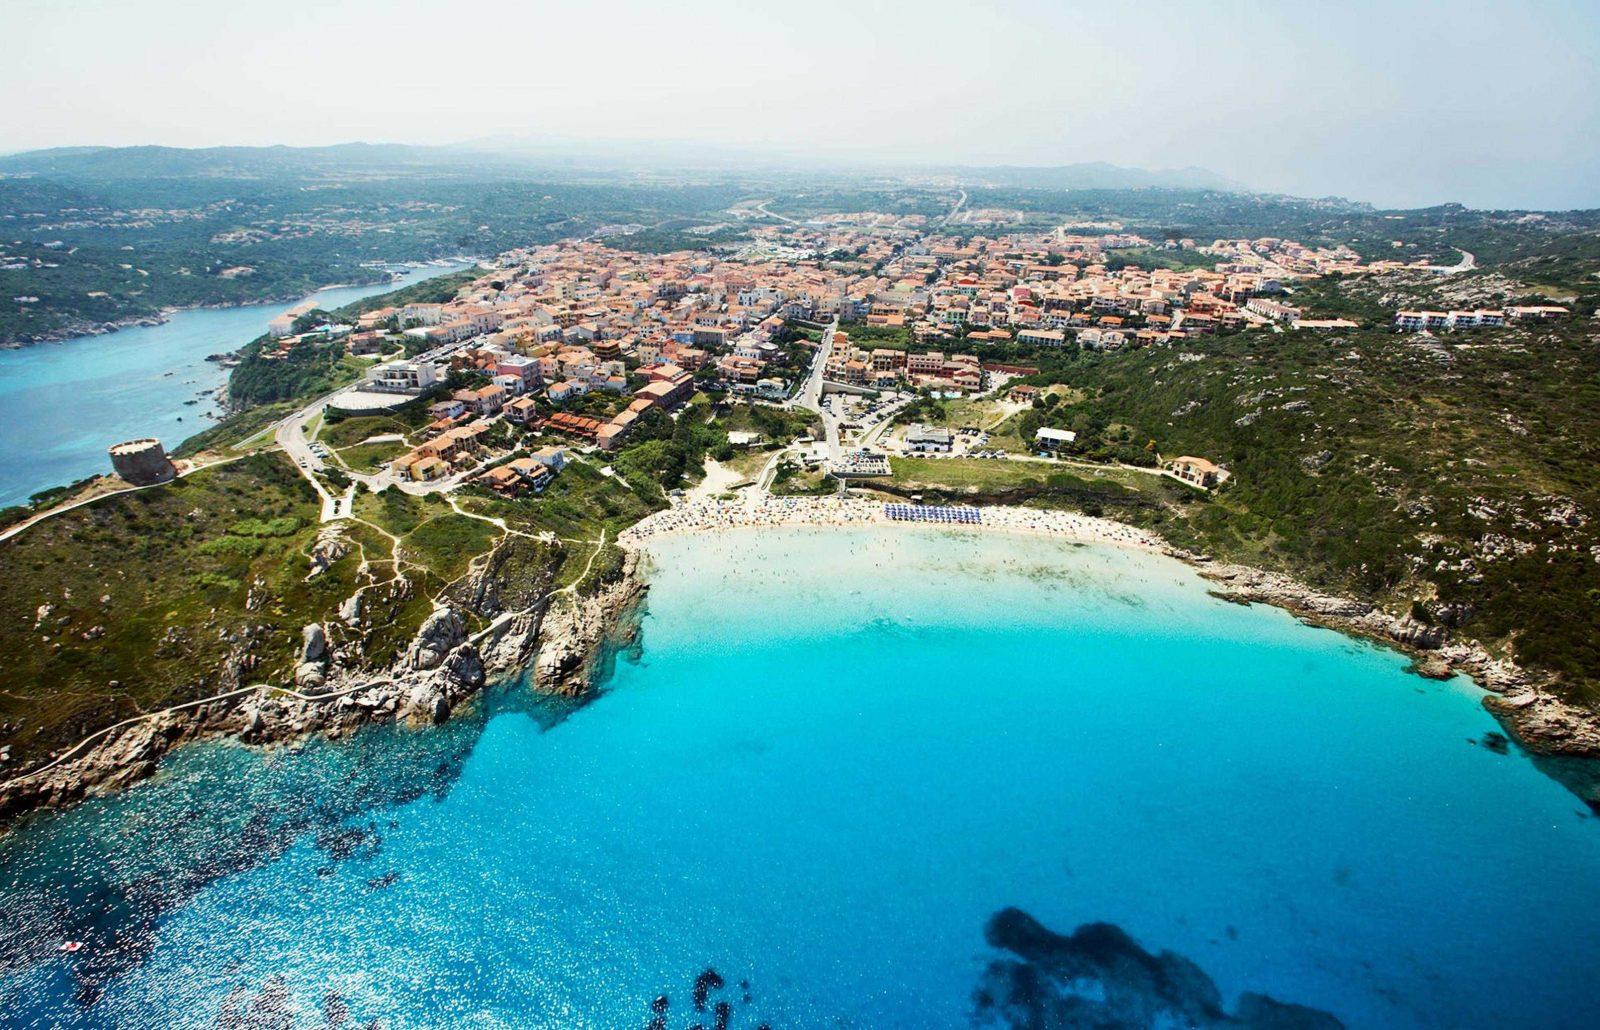 Santa Teresa di Gallura beaches